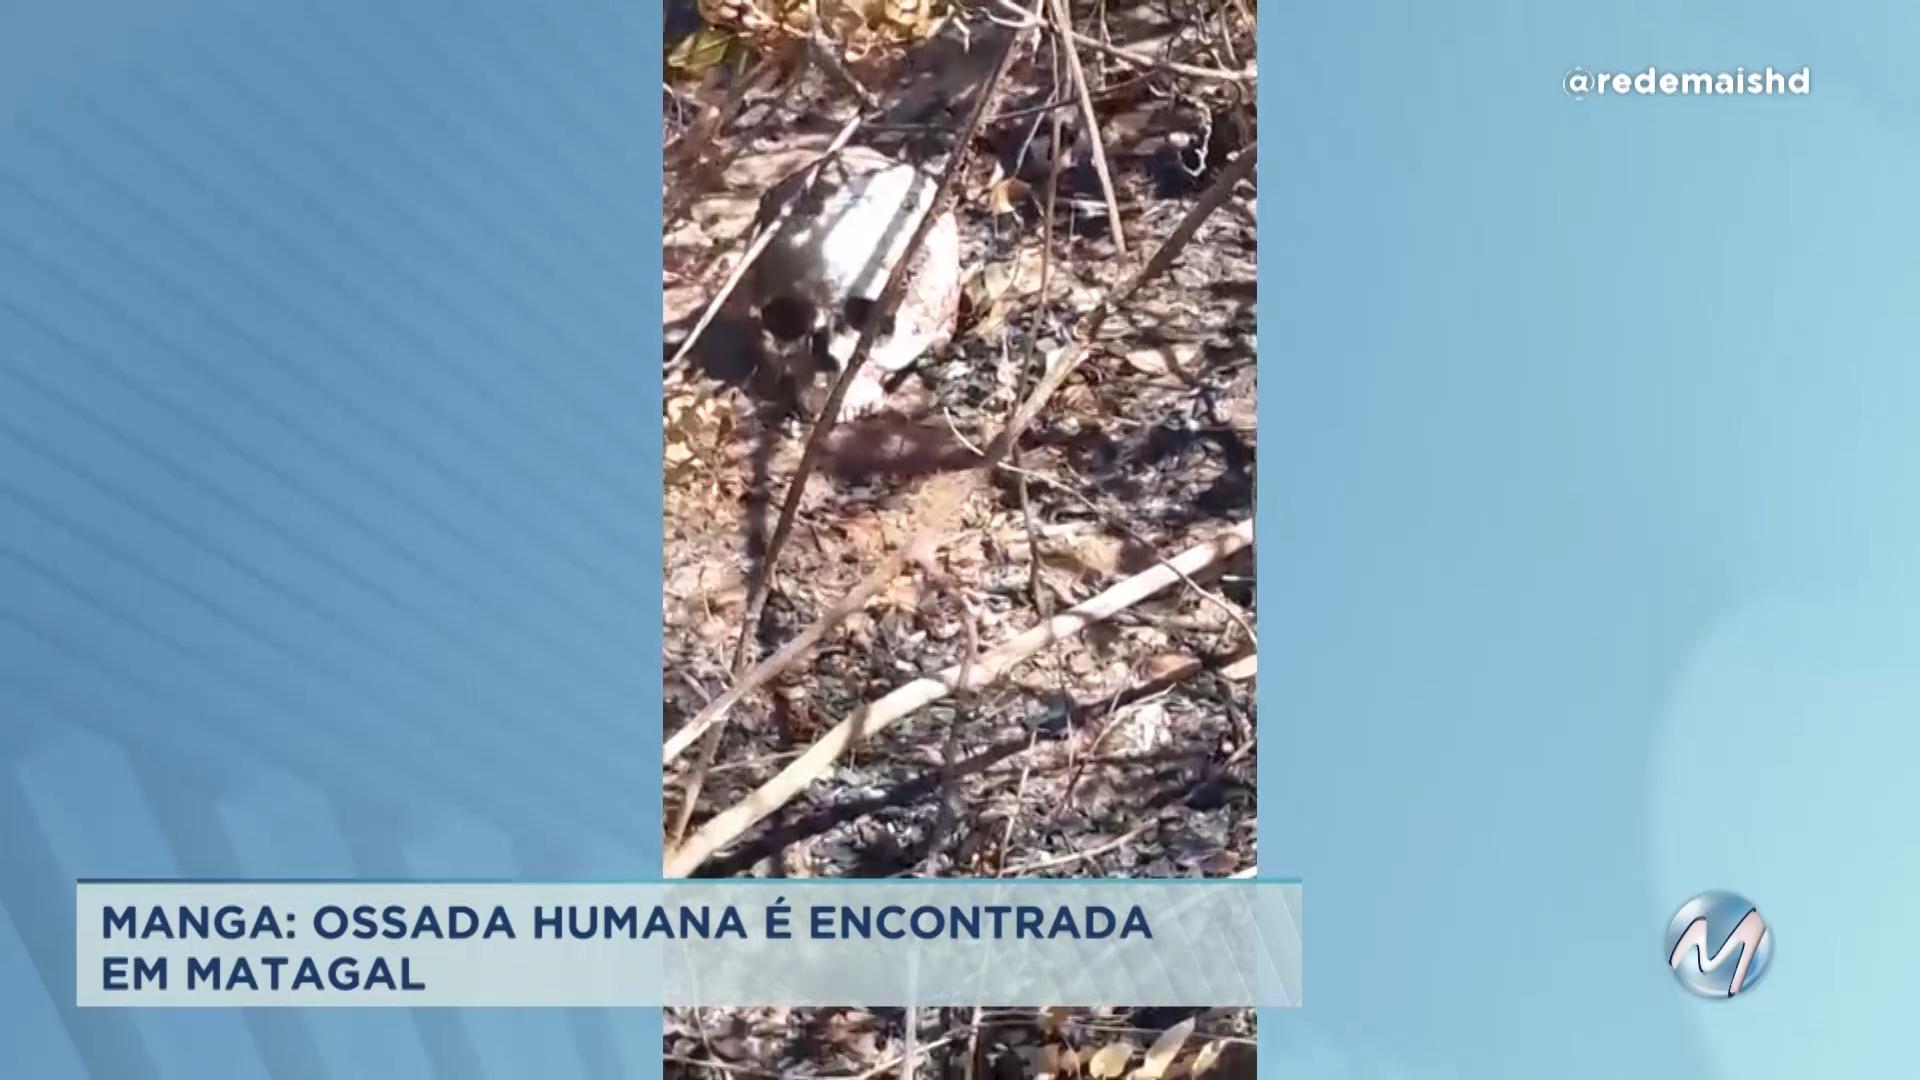 Ossada humana é encontrada em matagal no Norte de Minas